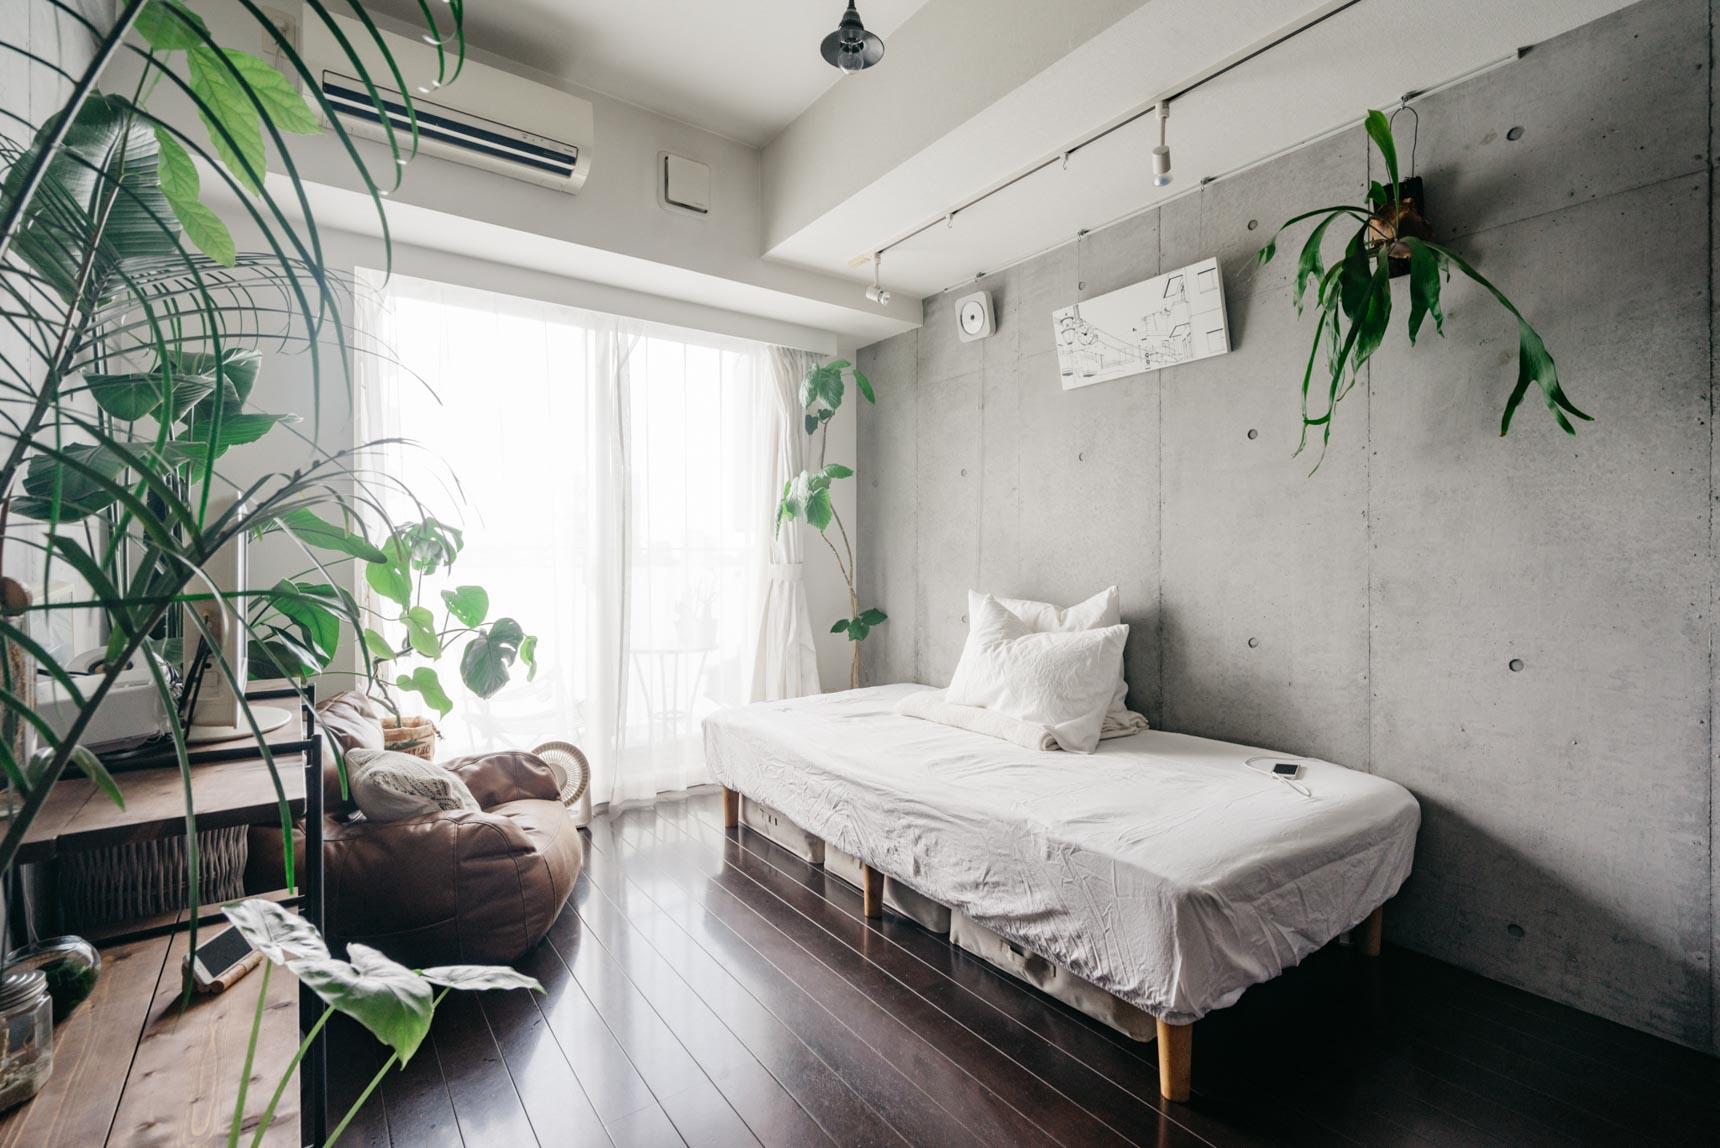 高さを意識して、様々なグリーンを飾っている方のお部屋です。